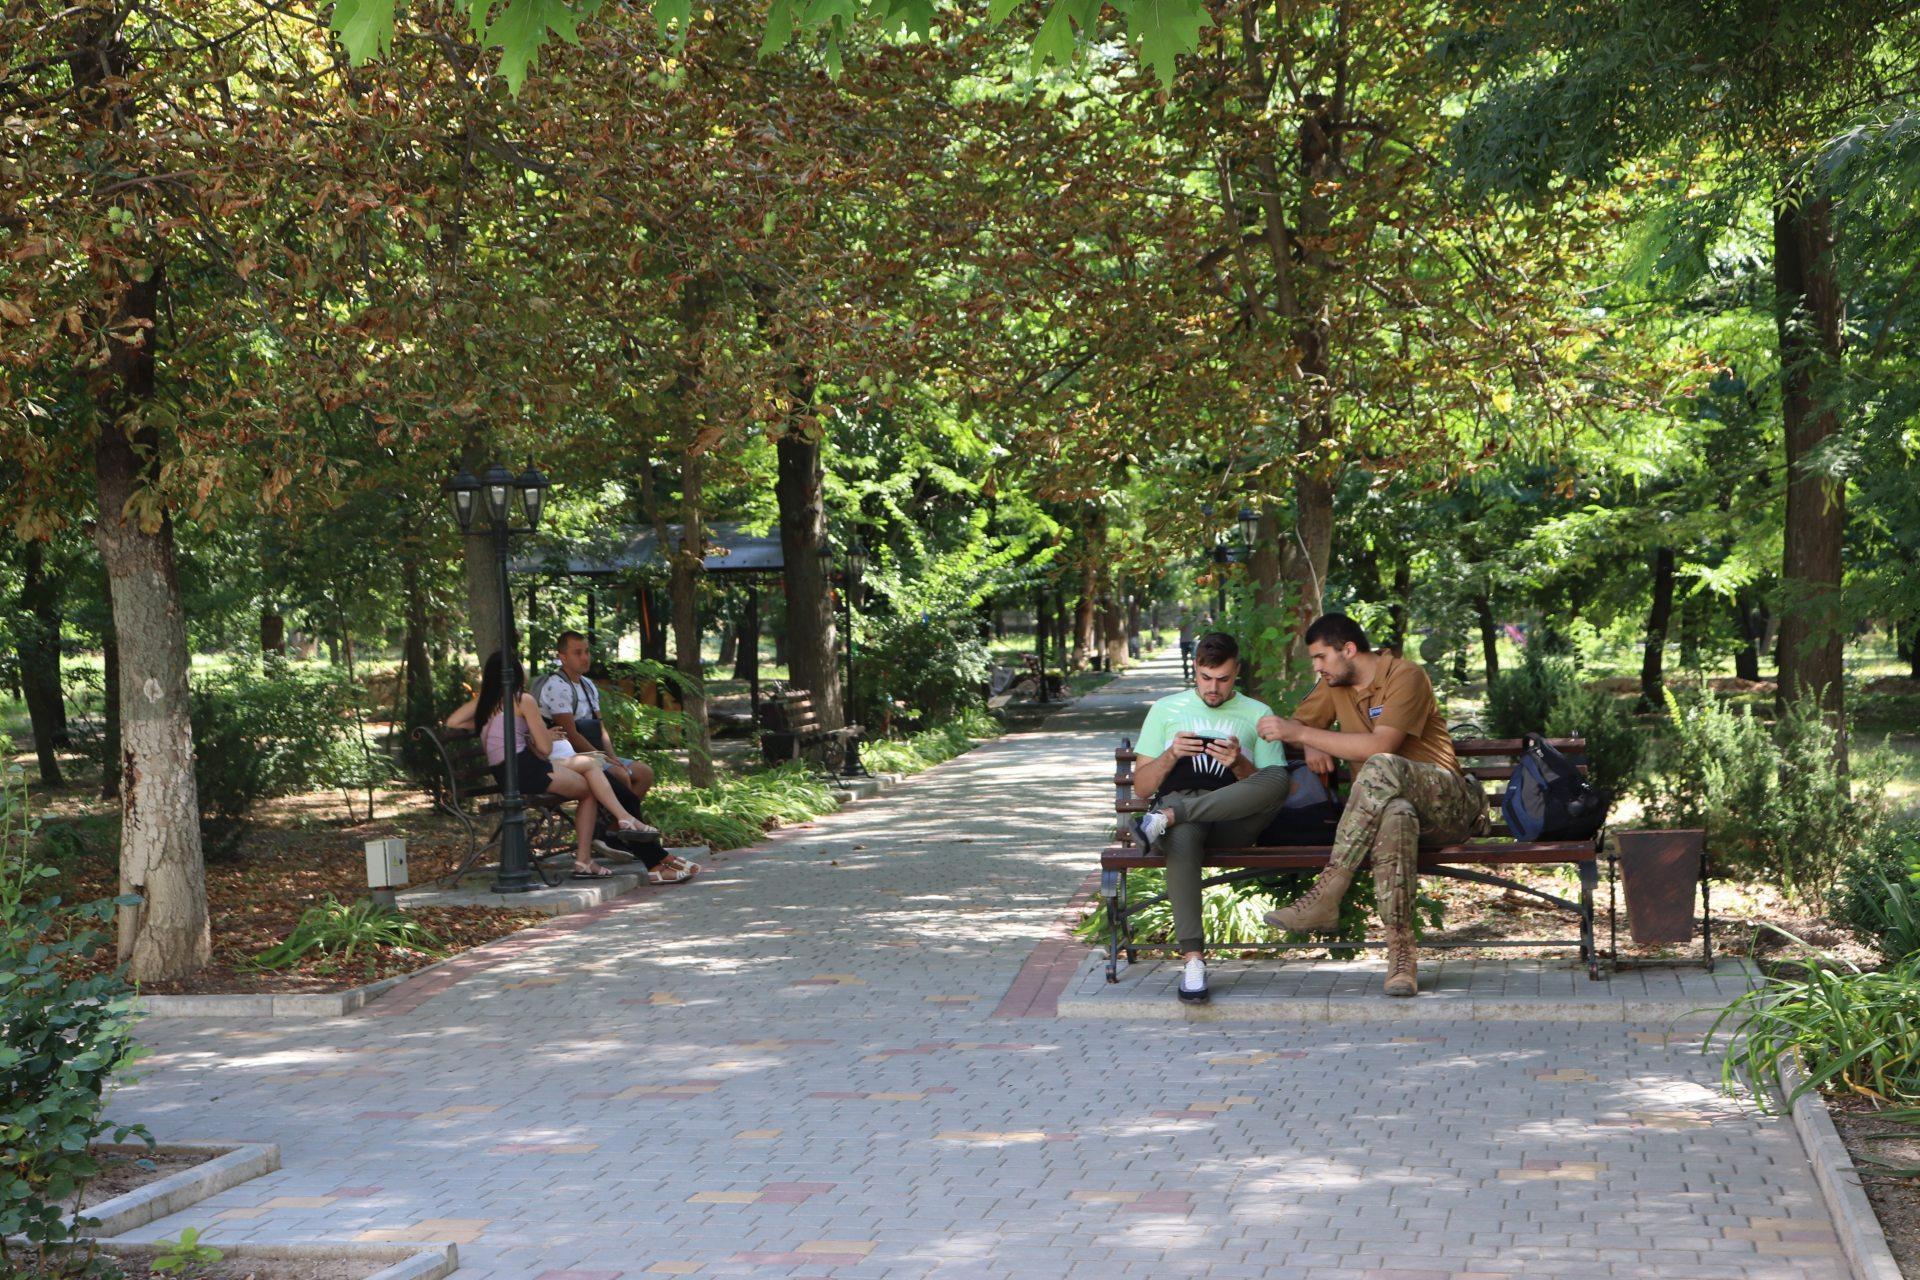 Паркове містечко Херсонського державного університету змінюється щодня